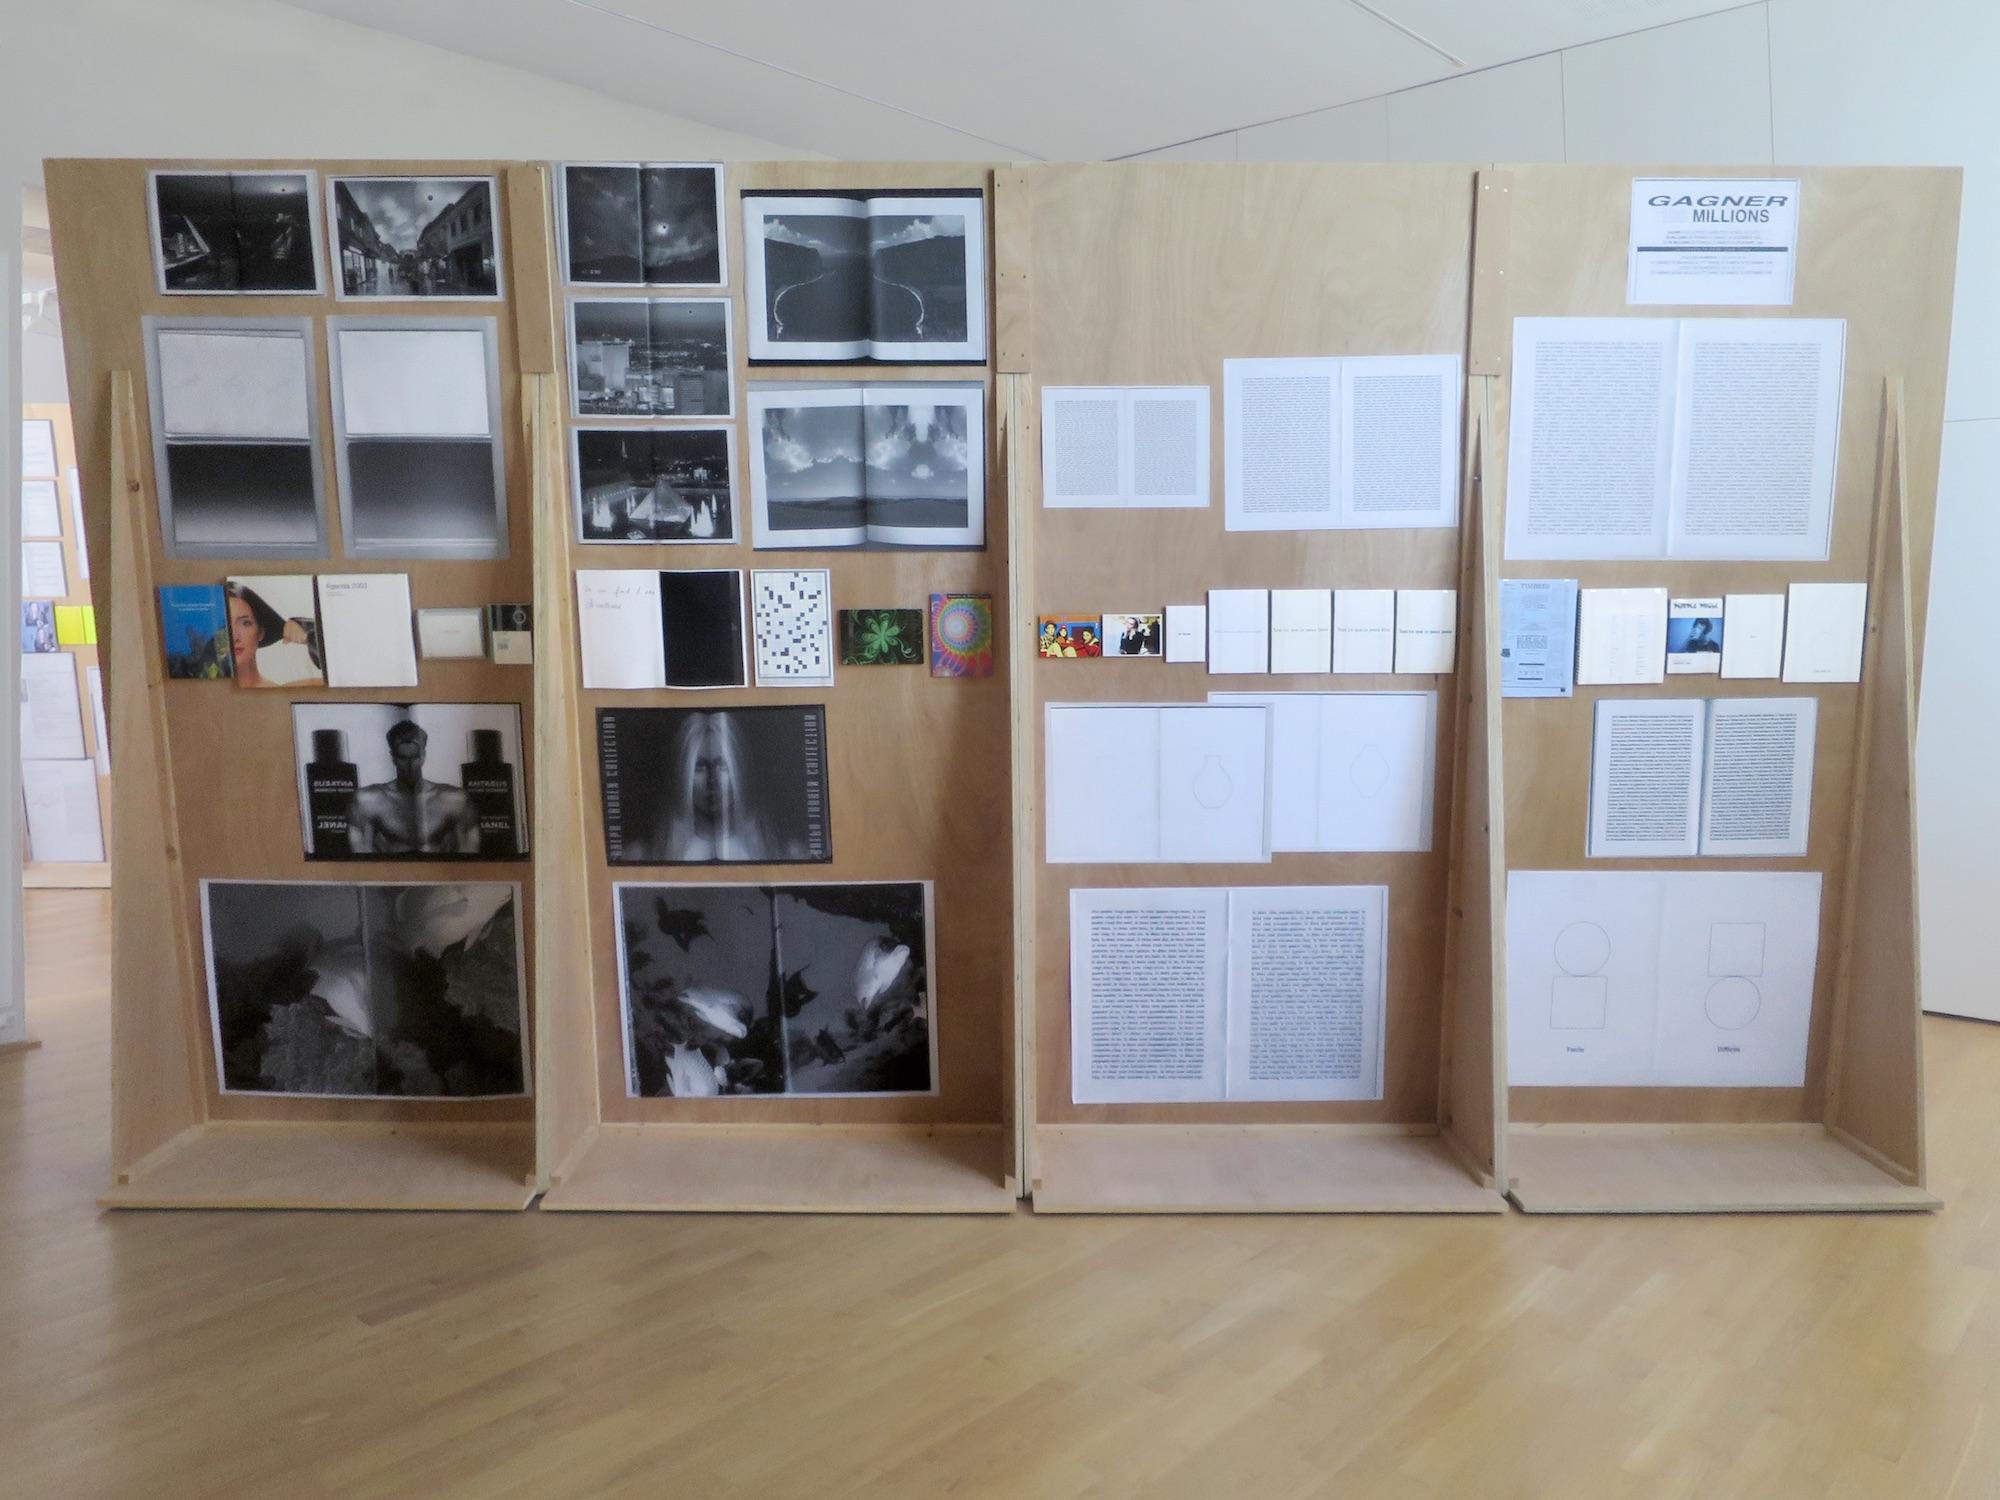 Claude Closky, 'ILUO,' Centre des livres d'artistes (CDLA), Saint-Yrieix-la-Perche. 23 June - 16 September 2017. Curated by Christian Lebrat, Didier Mathieu. Salle 3.jpg